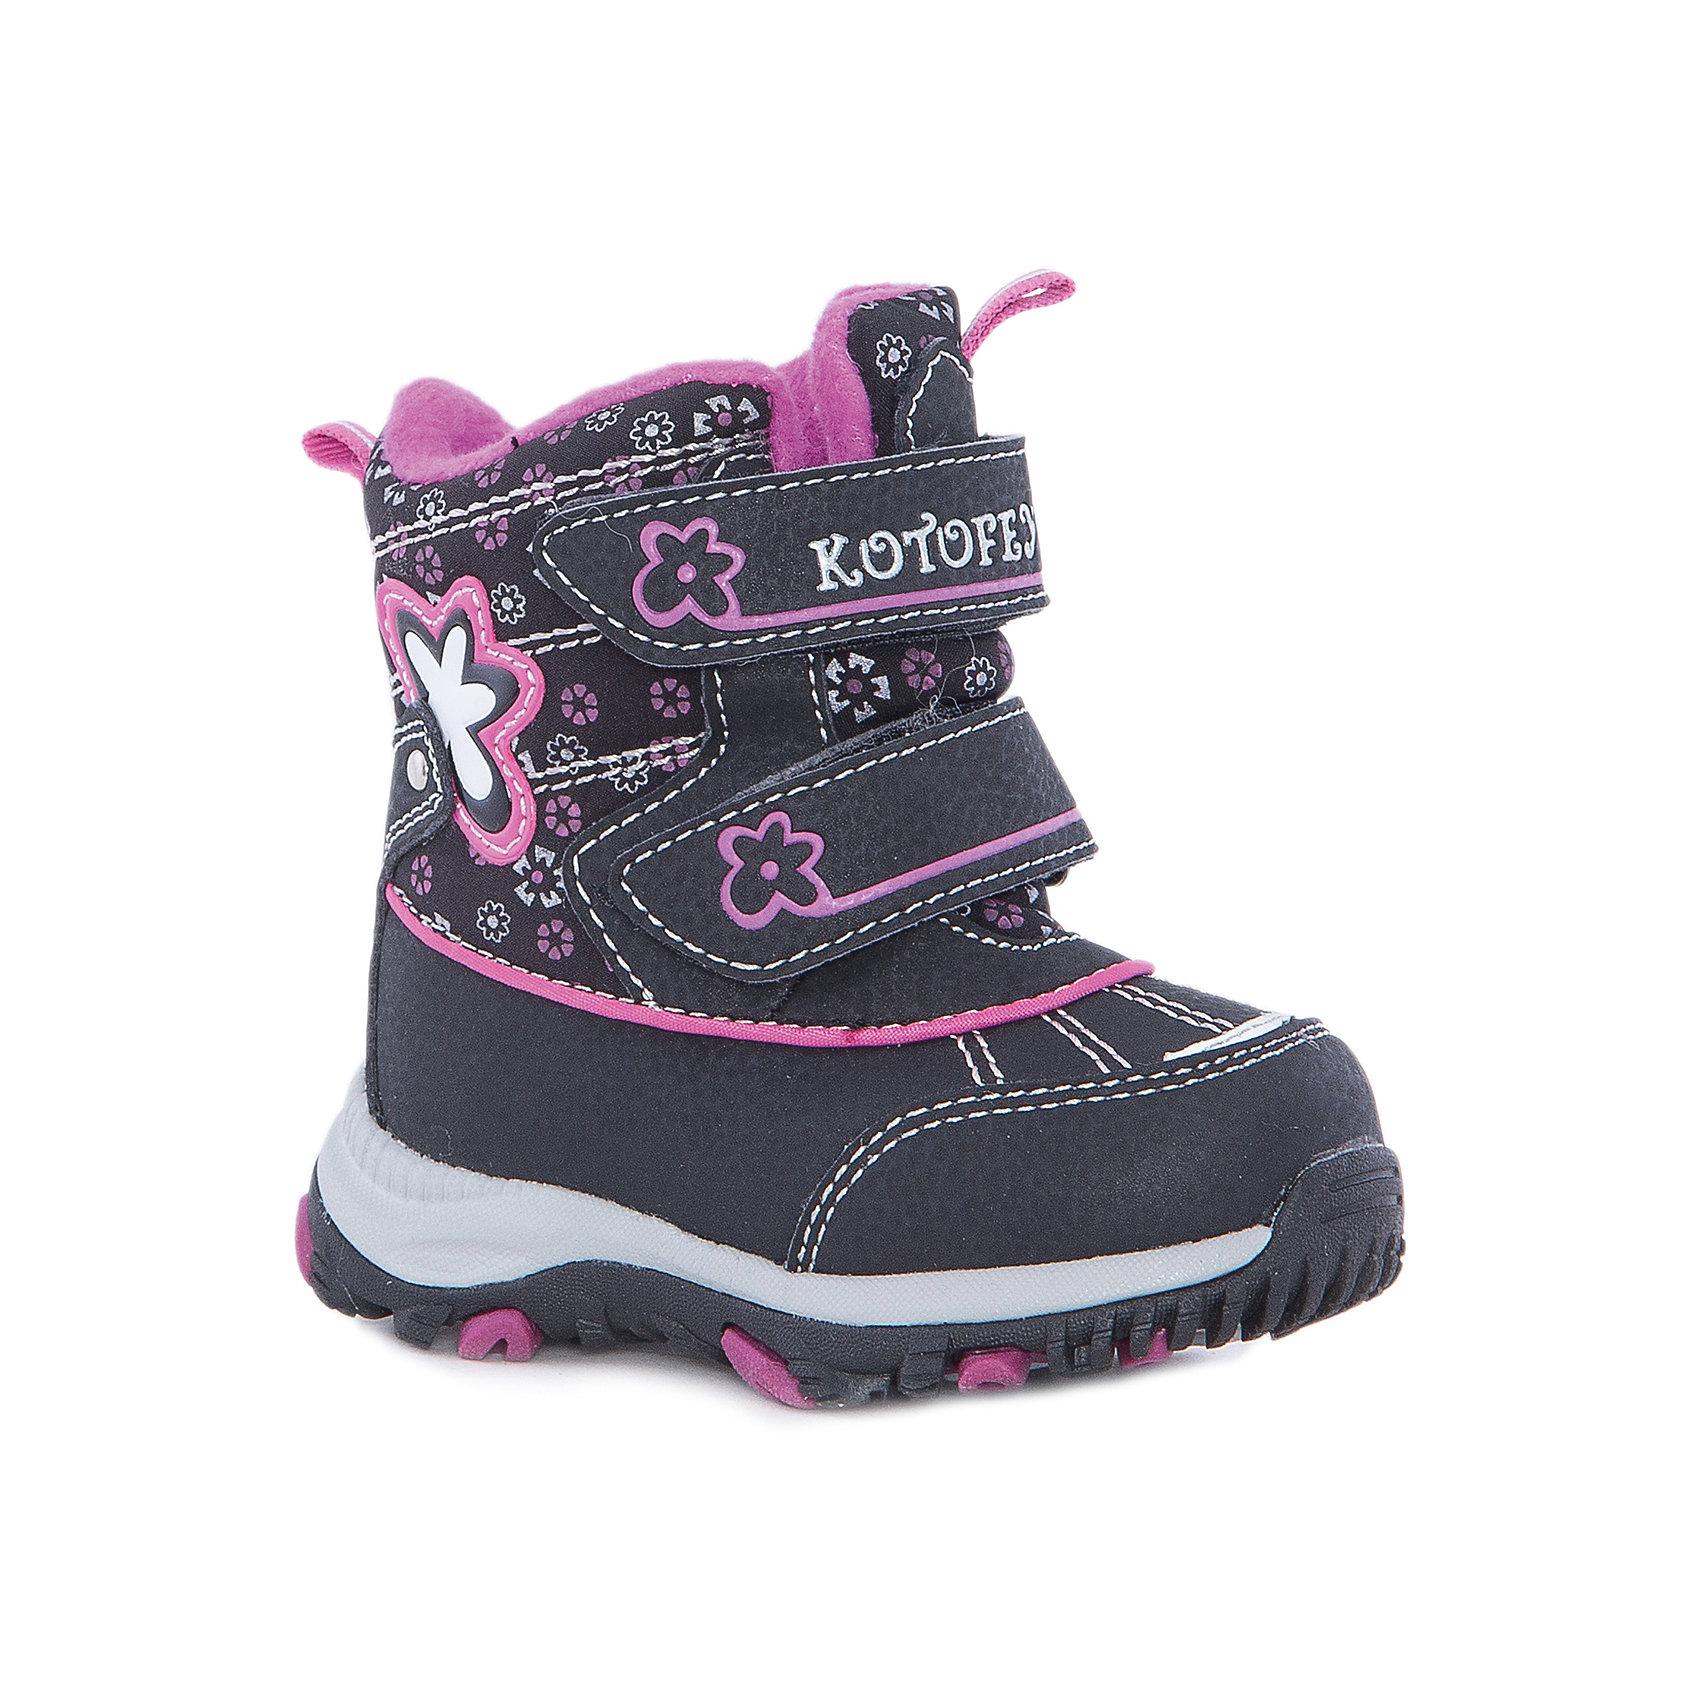 Ботинки  для девочки КотофейБотинки  для девочки Котофей.<br><br>Характеристики:<br><br>- Внешний материал: искусственная кожа, натуральная кожа, текстиль<br>- Внутренний материал: мех шерстяной<br>- Стелька: войлок<br>- Подошва: филон, ТЭП<br>- Тип застежки: липучки<br>- Вид крепления обуви: клеевой<br>- Цвет: черный, фуксия<br>- Сезон: зима<br>- Температурный режим: от +5 до -15 градусов<br>- Пол: для девочек<br><br>Ботинки торговой марки Котофей обеспечат вашей девочки максимальный комфорт. Они особенно хороши для активных прогулок. Ботинки практичного черного цвета, декорированные цветочным принтом, с аккуратными швами и отделкой цвета фуксия будут украшением ножек юной леди. Верх модели выполнен из влагоотталкивающего текстиля и кожи. Подкладка - утеплённая, из шерстяного меха. Между материалами верха и подклада вшит специальный мембранный материал, отталкивающий влагу, но позволяющий ногам дышать. Гибкая, широкая, клеевая подошва с рельефным протектором обеспечит превосходное сцепление с поверхностью. Гибкая, широкая, клеевая подошва с рельефным протектором обеспечит превосходное сцепление с поверхностью. Снижение ударной нагрузки и повышенную устойчивость обеспечивает в подошве слой из материала филон, который часто используется в спортивной обуви. Вторая часть подошвы из термоэластопласта (ТЭП) – пластичного материала, отлично амортизирующего при шаге, не теряющего своих свойств при понижении температур, предотвращающего скольжение.  Широкий язычок ботинка пришит по всей своей длине, так что он не допускает попадания снега или воды внутрь. Два ремня с липучкой позволяют не только быстро обувать и снимать ботинки, но и обеспечивают плотное прилегание обуви к стопе. Дизайн модели соответствует последним европейским тенденциям и придаёт этой модели эффектный внешний вид. Детская обувь «Котофей» качественна, красива, добротна, комфортна и долговечна. Она производится на Егорьевской обувной фабрике. Жесткий контроль производства и постоянное совершенствование тех